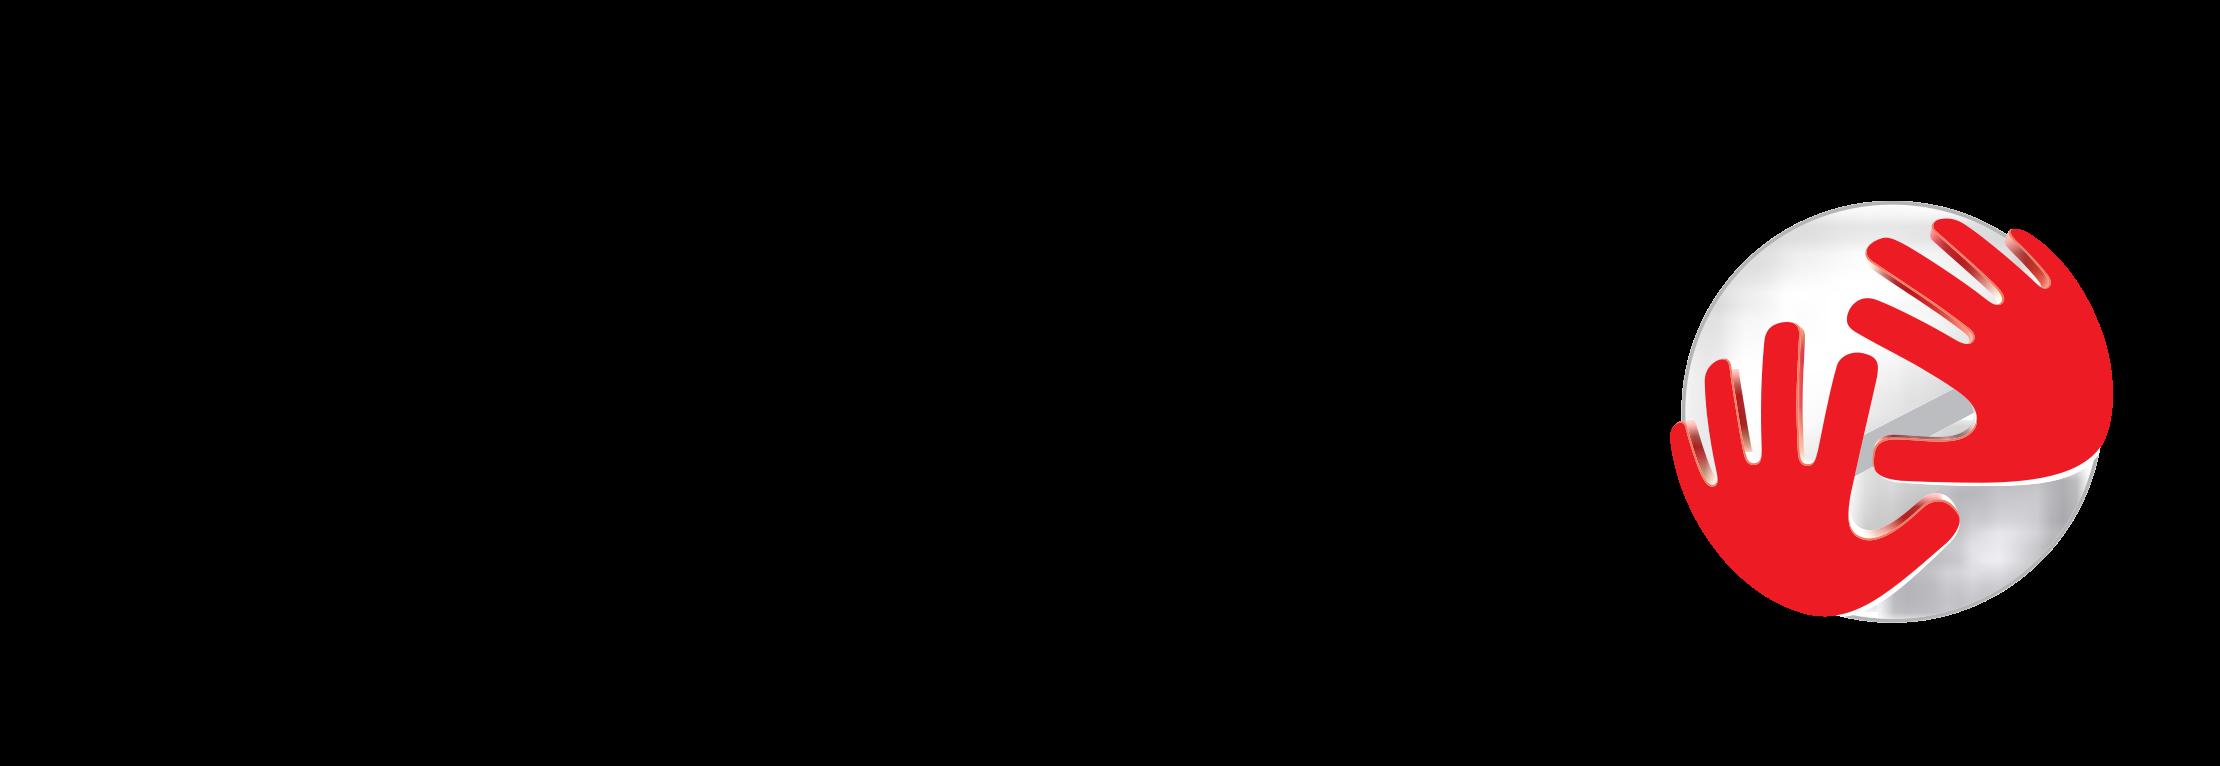 TomTom-logo-wordmark-e1452854794440